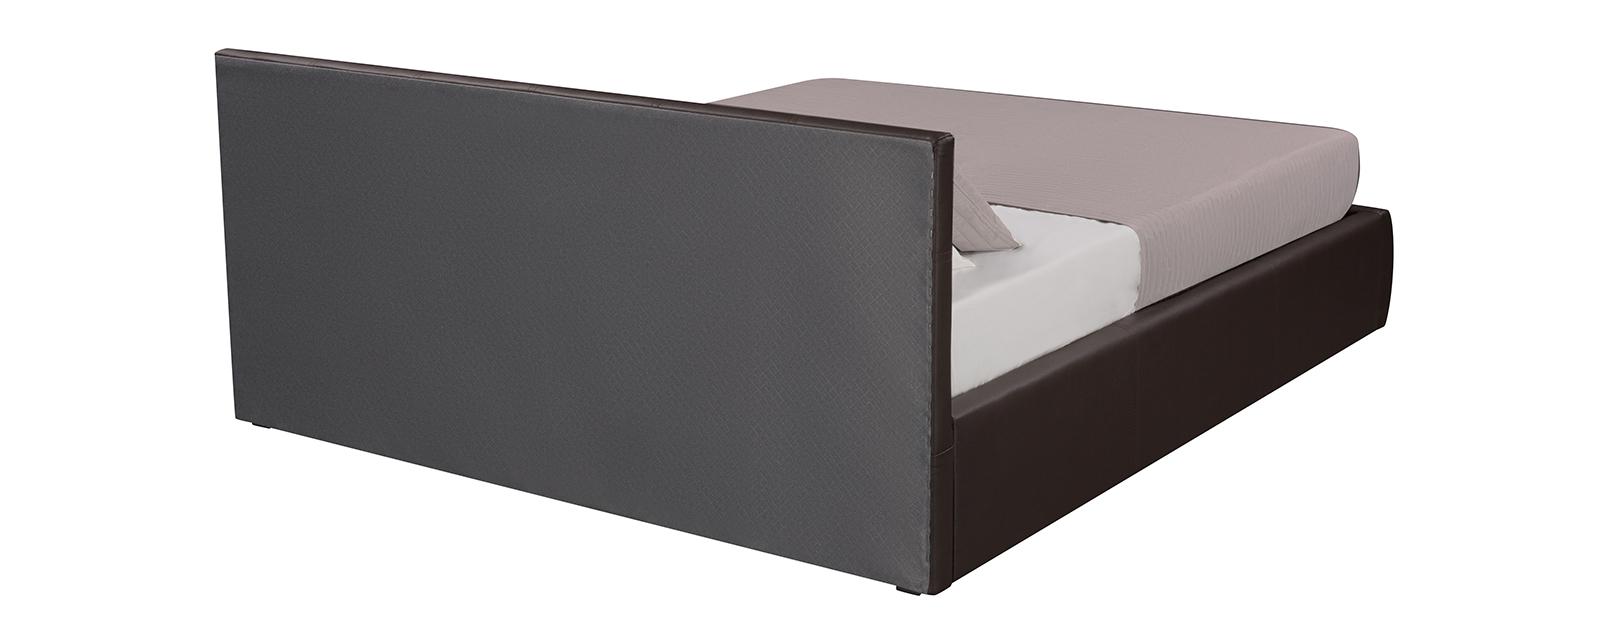 Мягкая кровать 200х160 Афина с подъемным механизмом (Luxe коричневый)